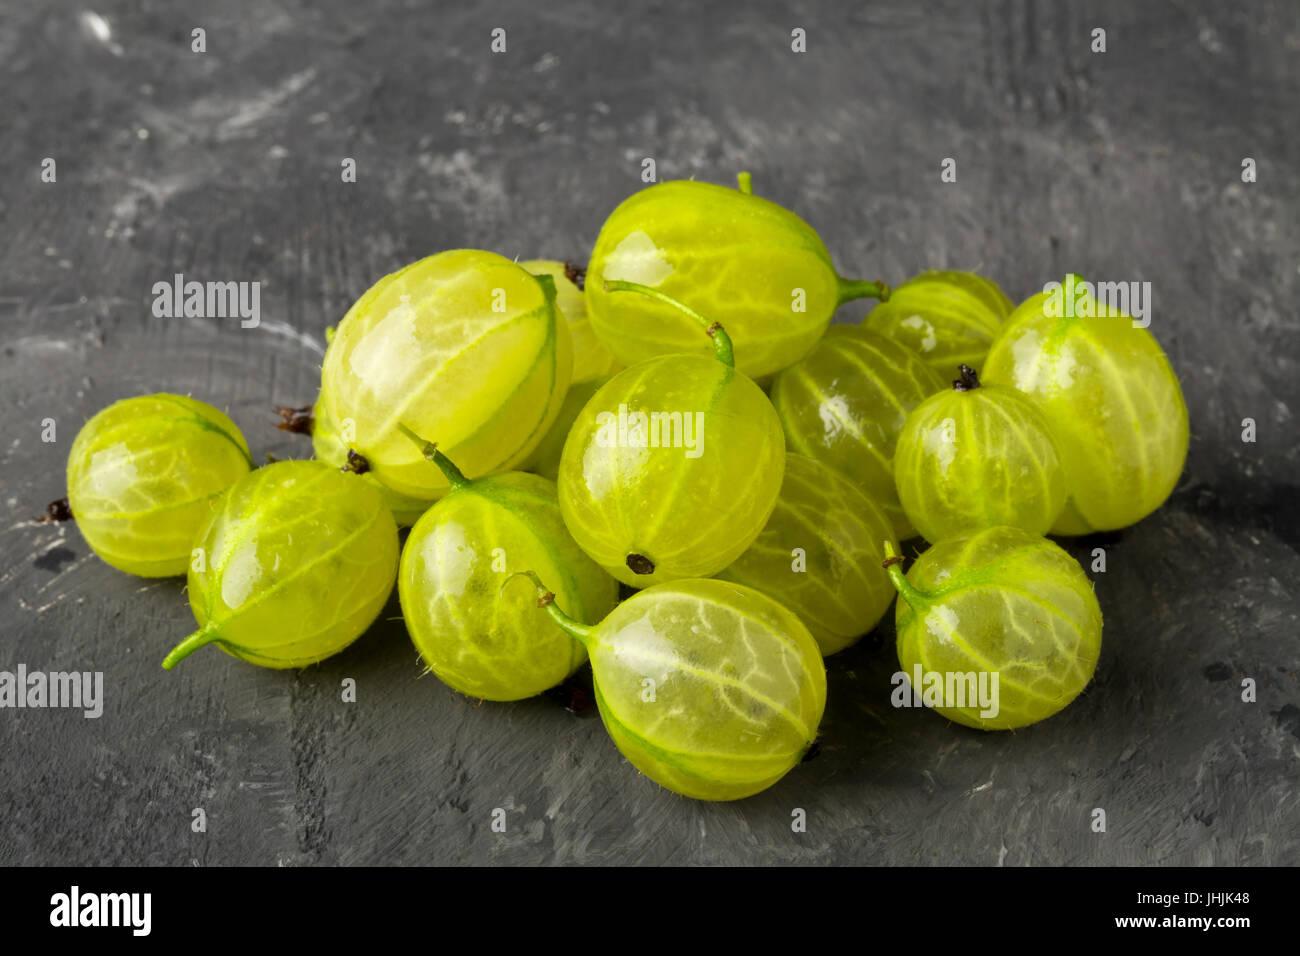 Haufen von Reife, frisch geerntete grüne Stachelbeere Früchte auf dunklem Hintergrund Stockbild